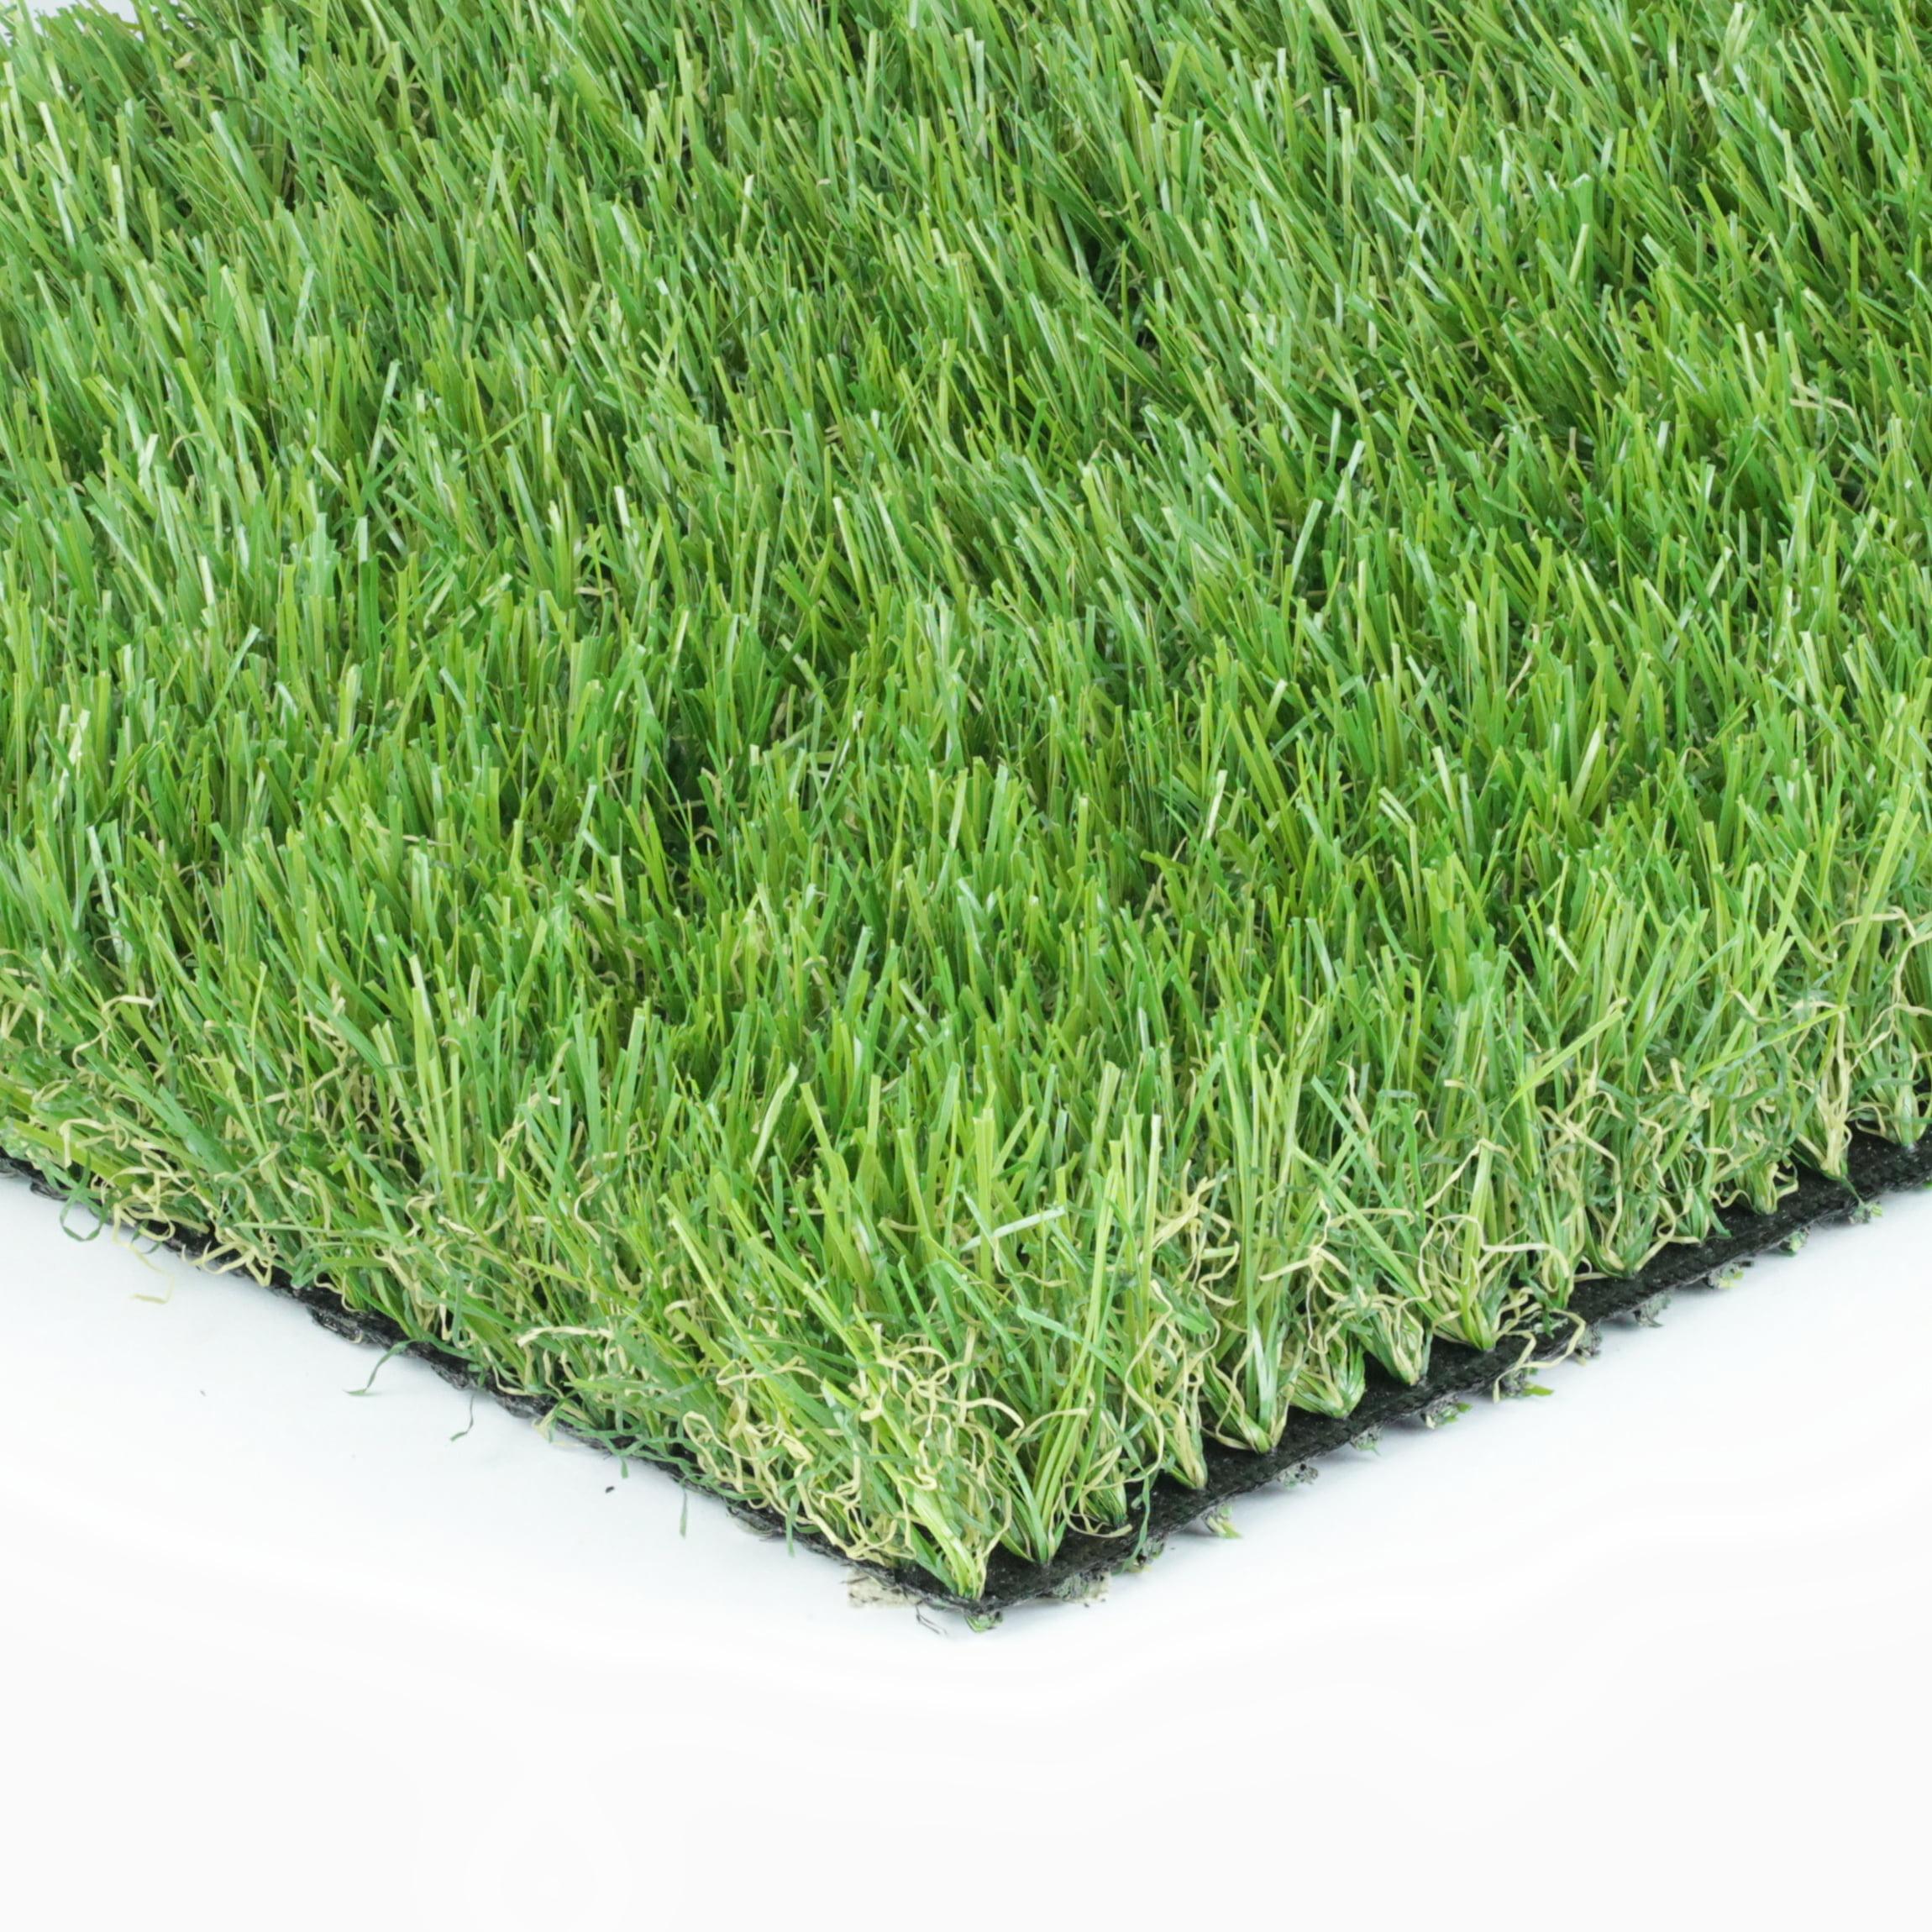 Allgreen Oakley 6 X 9 Ft Multi Purpose Artificial Grass